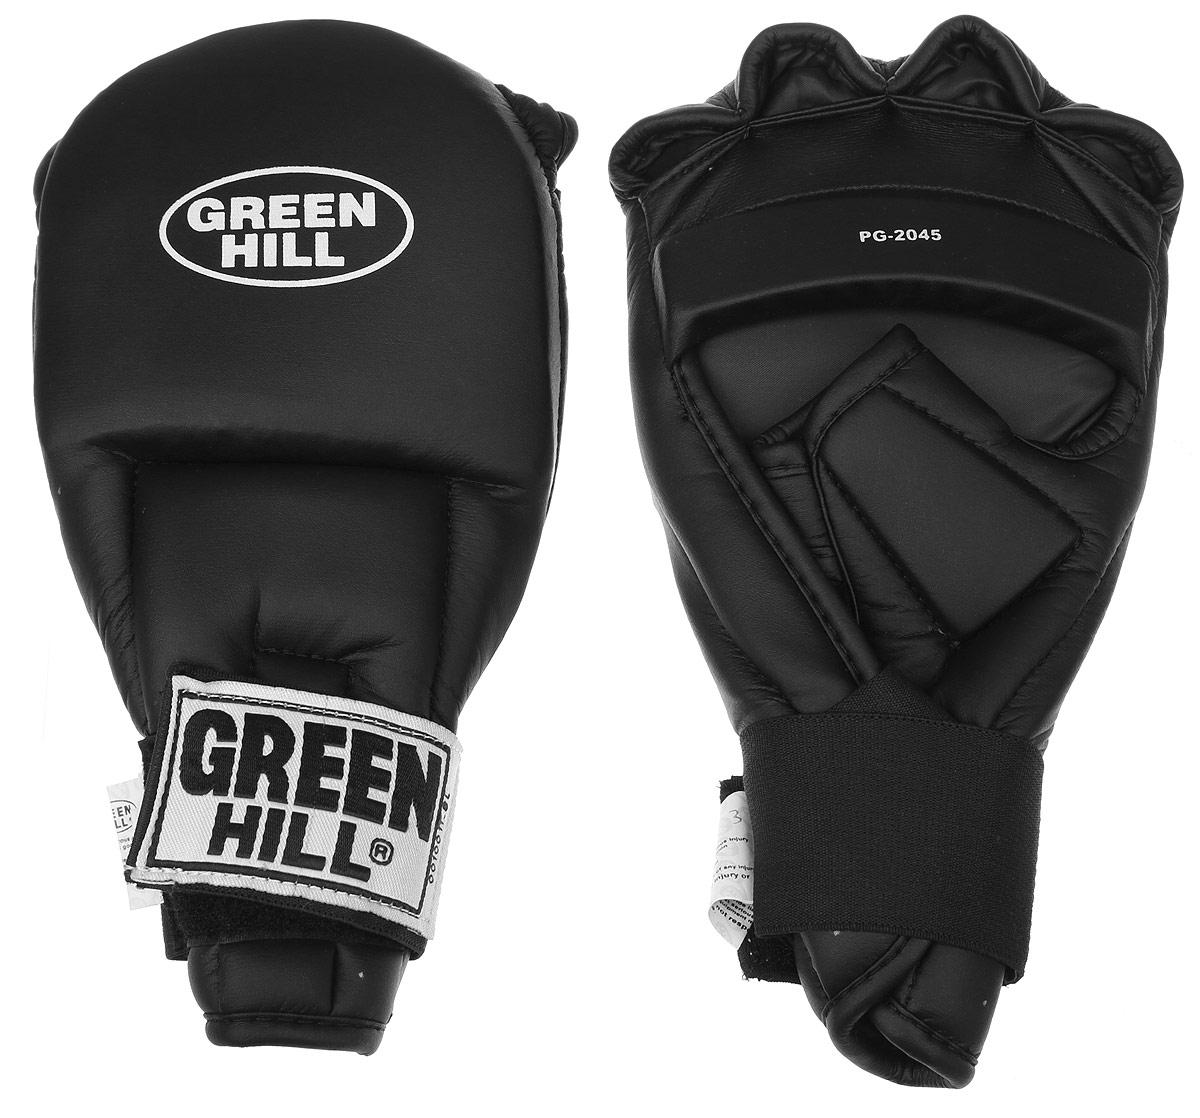 Перчатки для рукопашного боя Green Hill, цвет: черный. Размер L. PG-2045PG-2045Перчатки для рукопашного боя Green Hill произведены из высококачественной искусственной кожи. Подойдут для занятий кунг-фу. Конструкция предусматривает открытые пальцы - необходимый атрибут для проведения захватов. Манжеты на липучках позволяют быстро снимать и надевать перчатки без каких-либо неудобств. Анатомическая посадка предохраняет руки от повреждений.